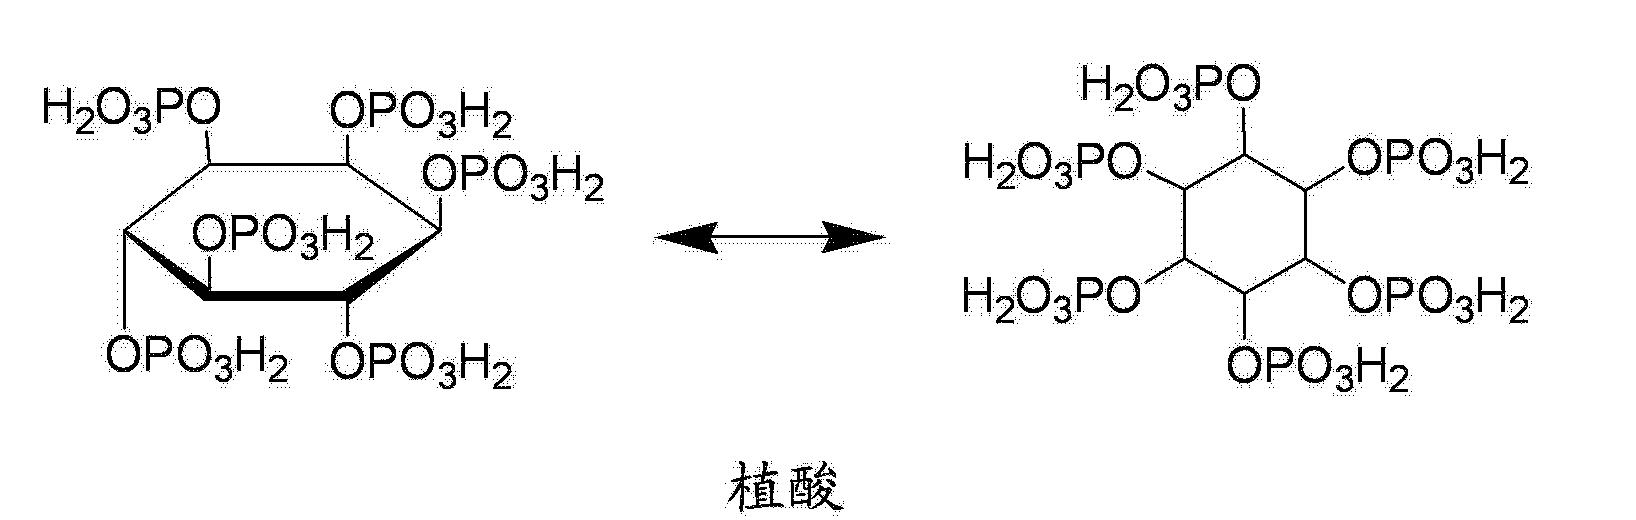 植酸由如下分子结构式表示:[0017]植酸天然地具有